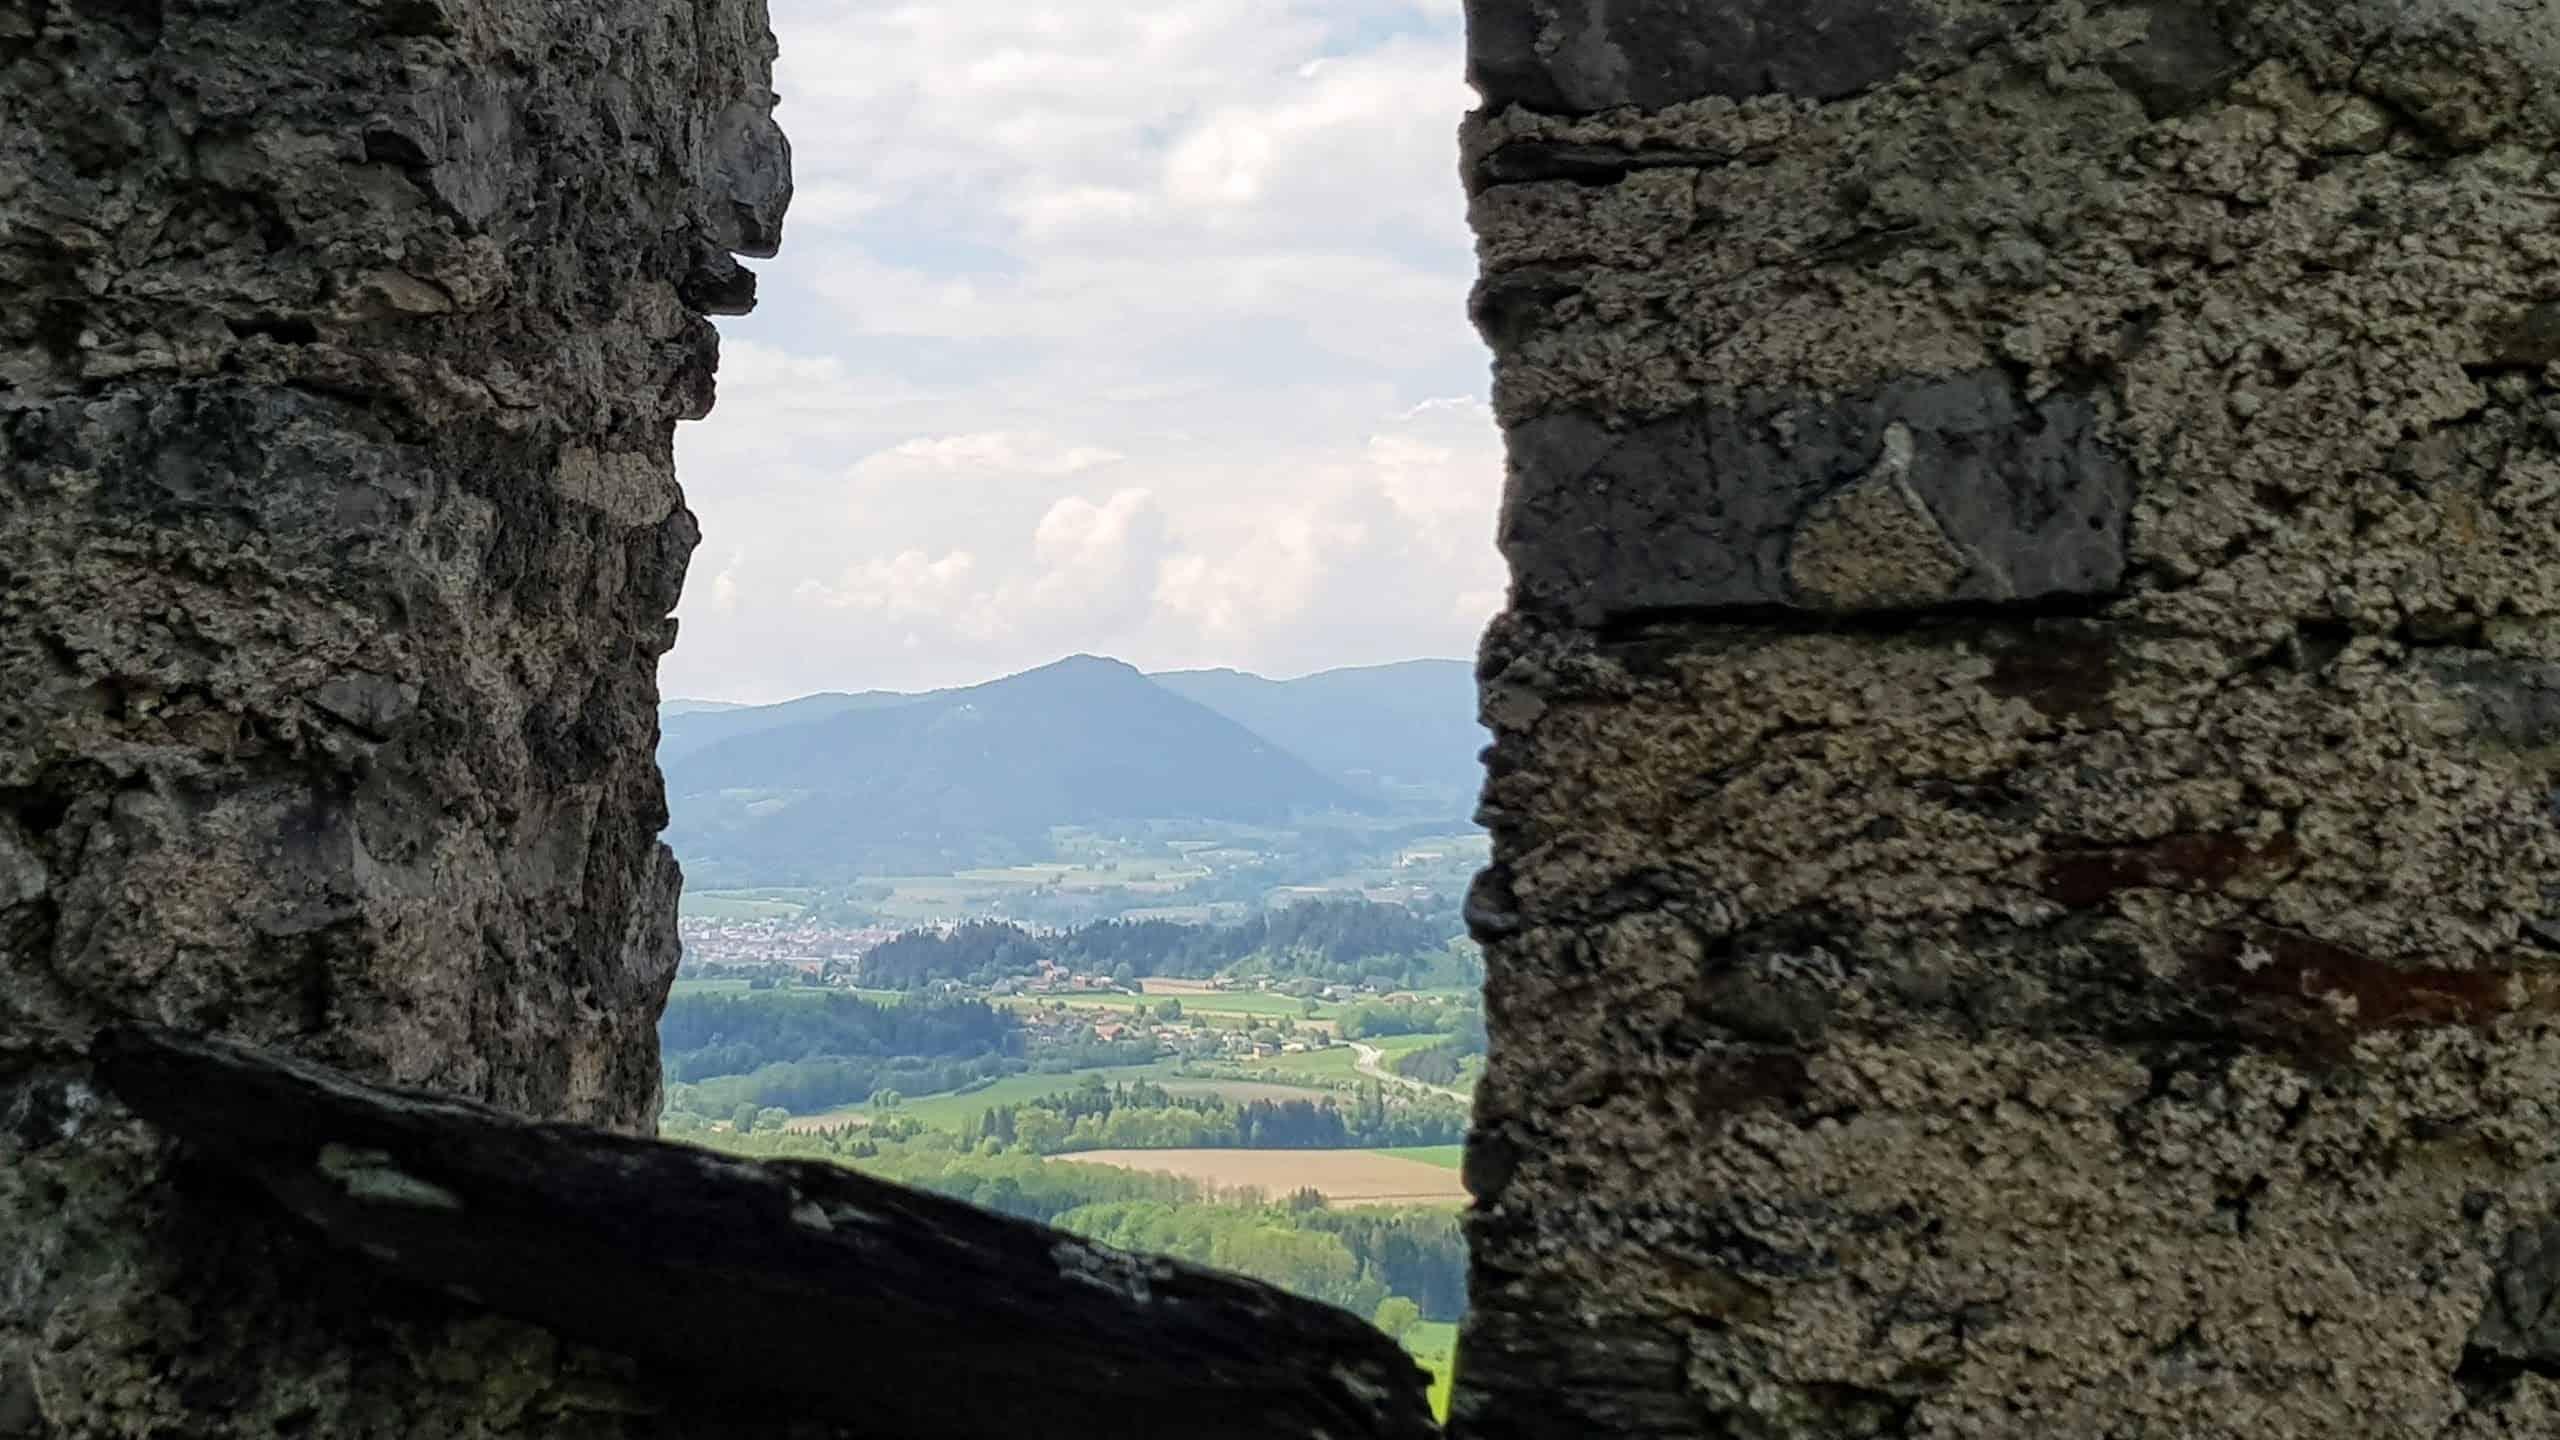 Entlang der Wanderung auf die Burg Hochosterwitz gibt es zahlreiche Aussichtspunkte auf die umliegende Kärntner Umgebung.